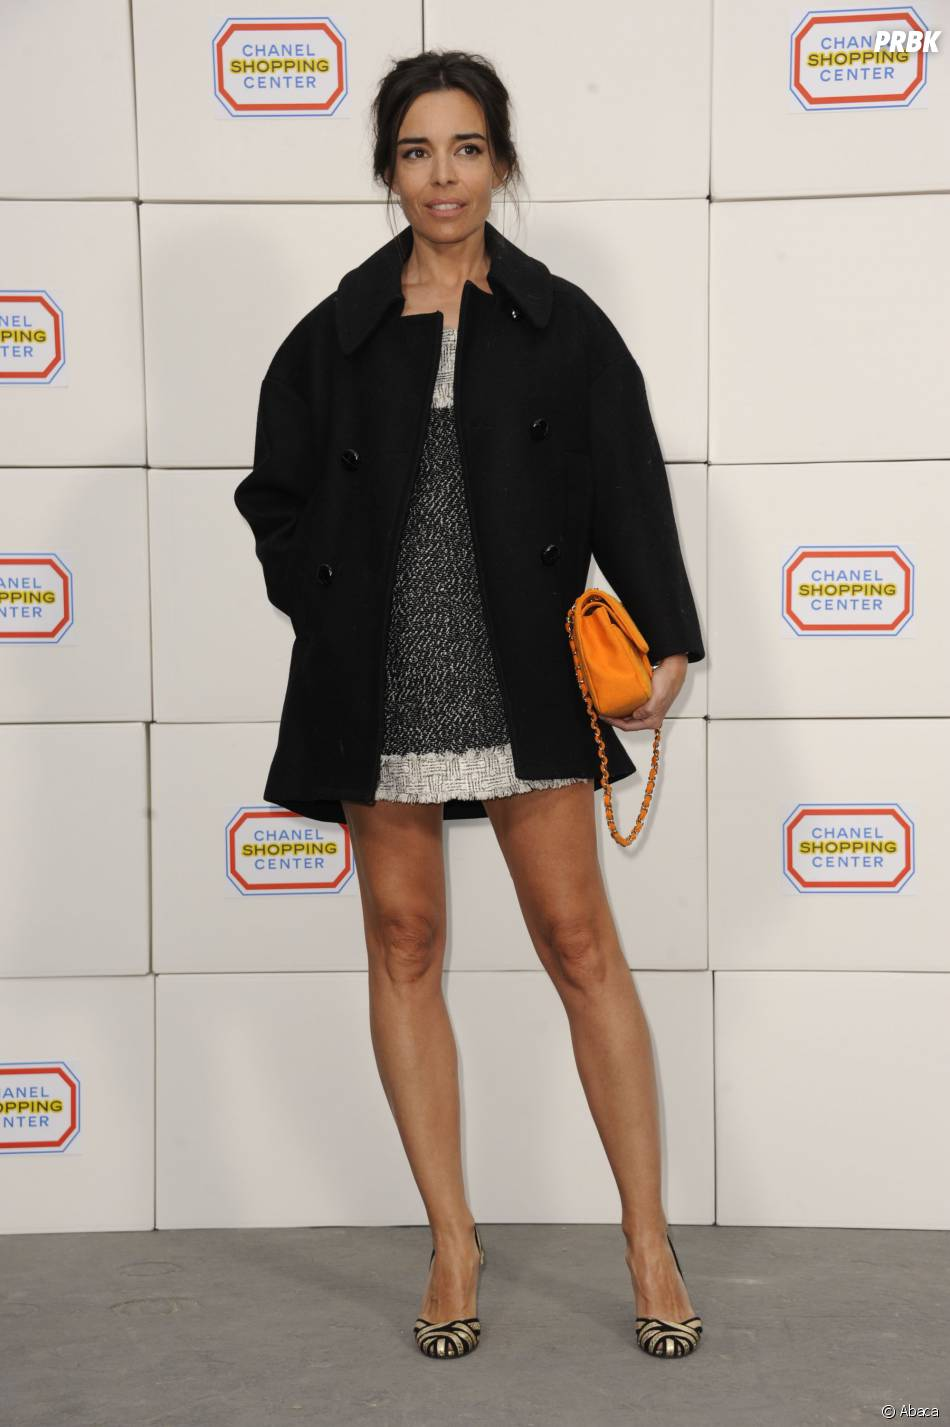 """Elodie Bouchez au défilé Chanel de Karl Lagerfeld dans le """"Shopping Center"""" du Grand Palais, le 4 mars 2014 à Paris"""